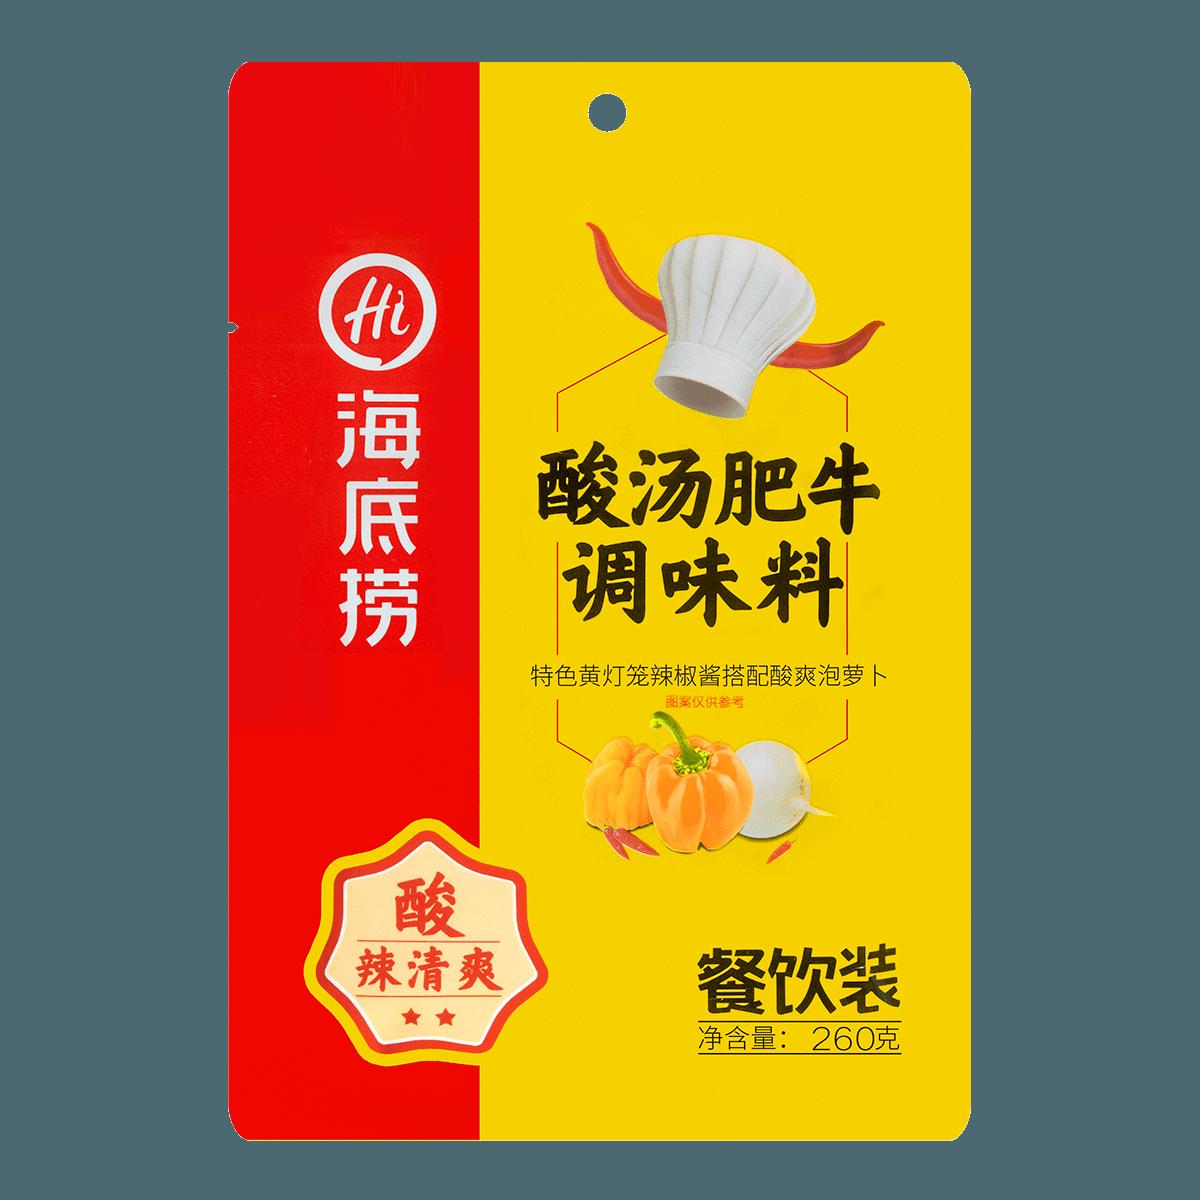 海底捞 酸汤肥牛调味料 260g